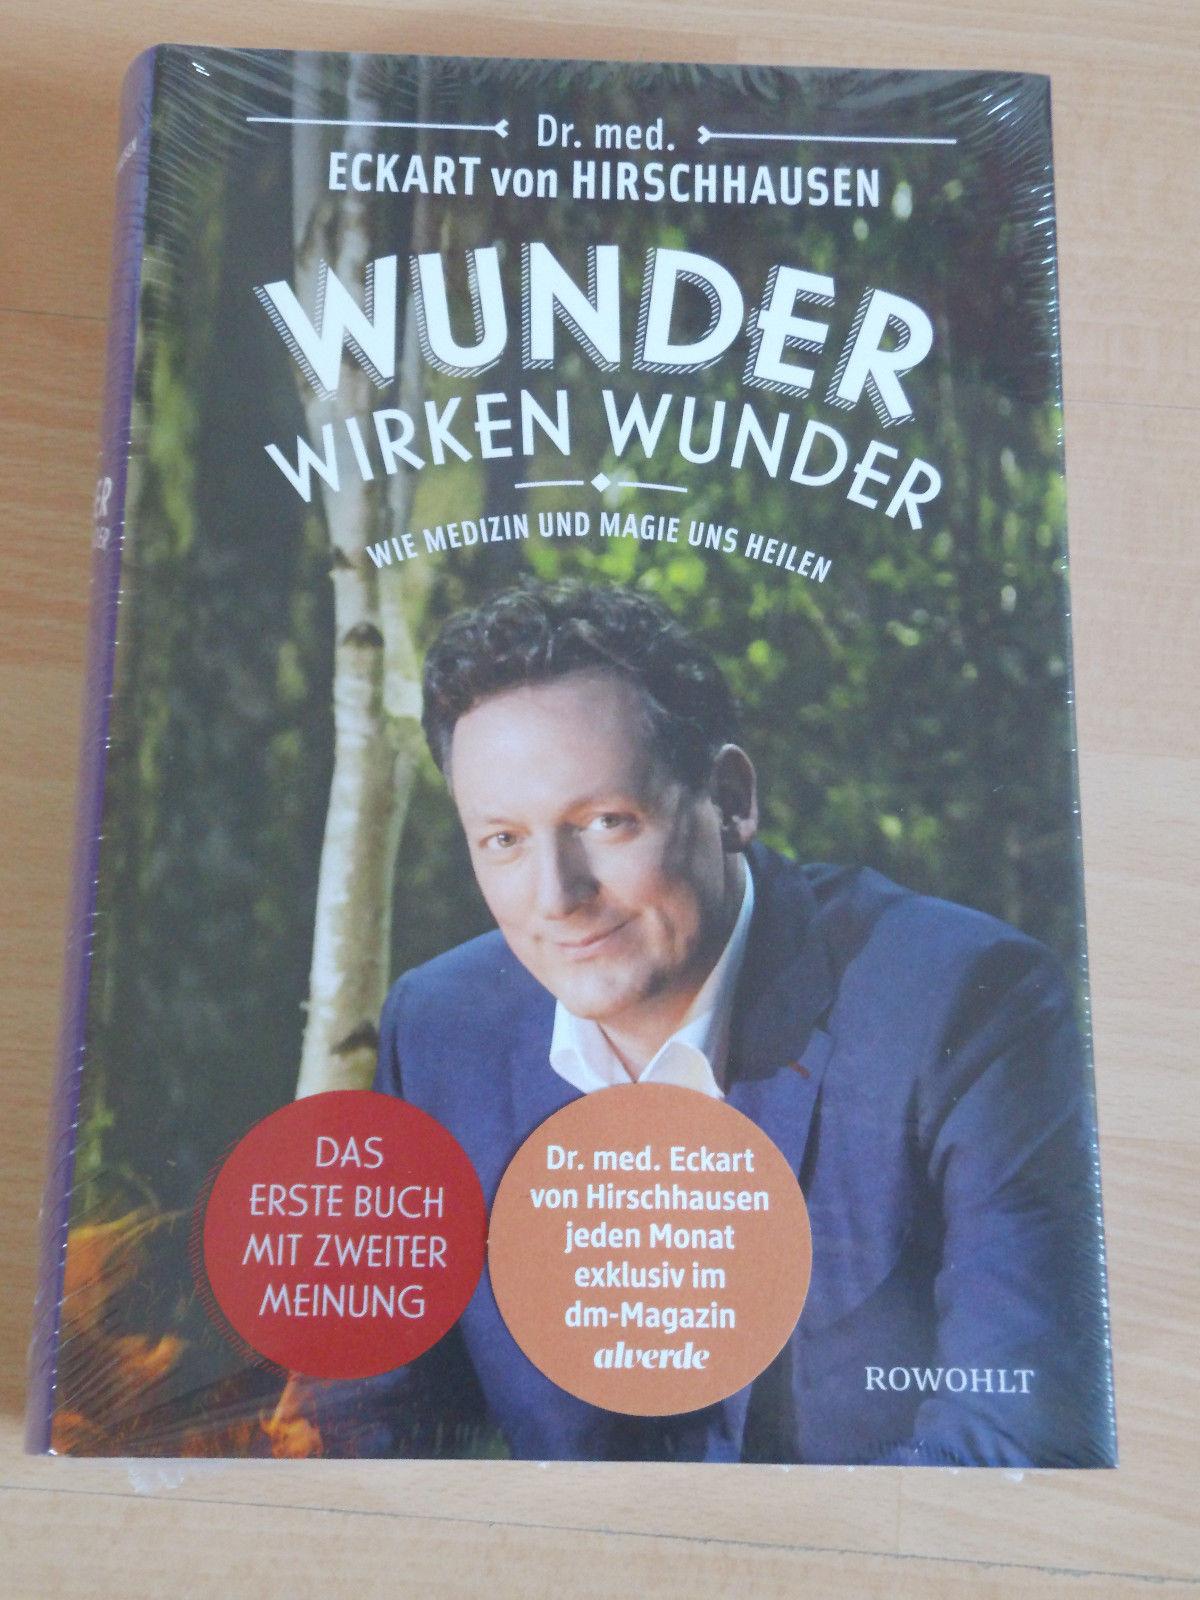 Wunder wirken Wunder - Eckart von Hirschhausen - 2016 - Gebundene Ausgabe - NEU